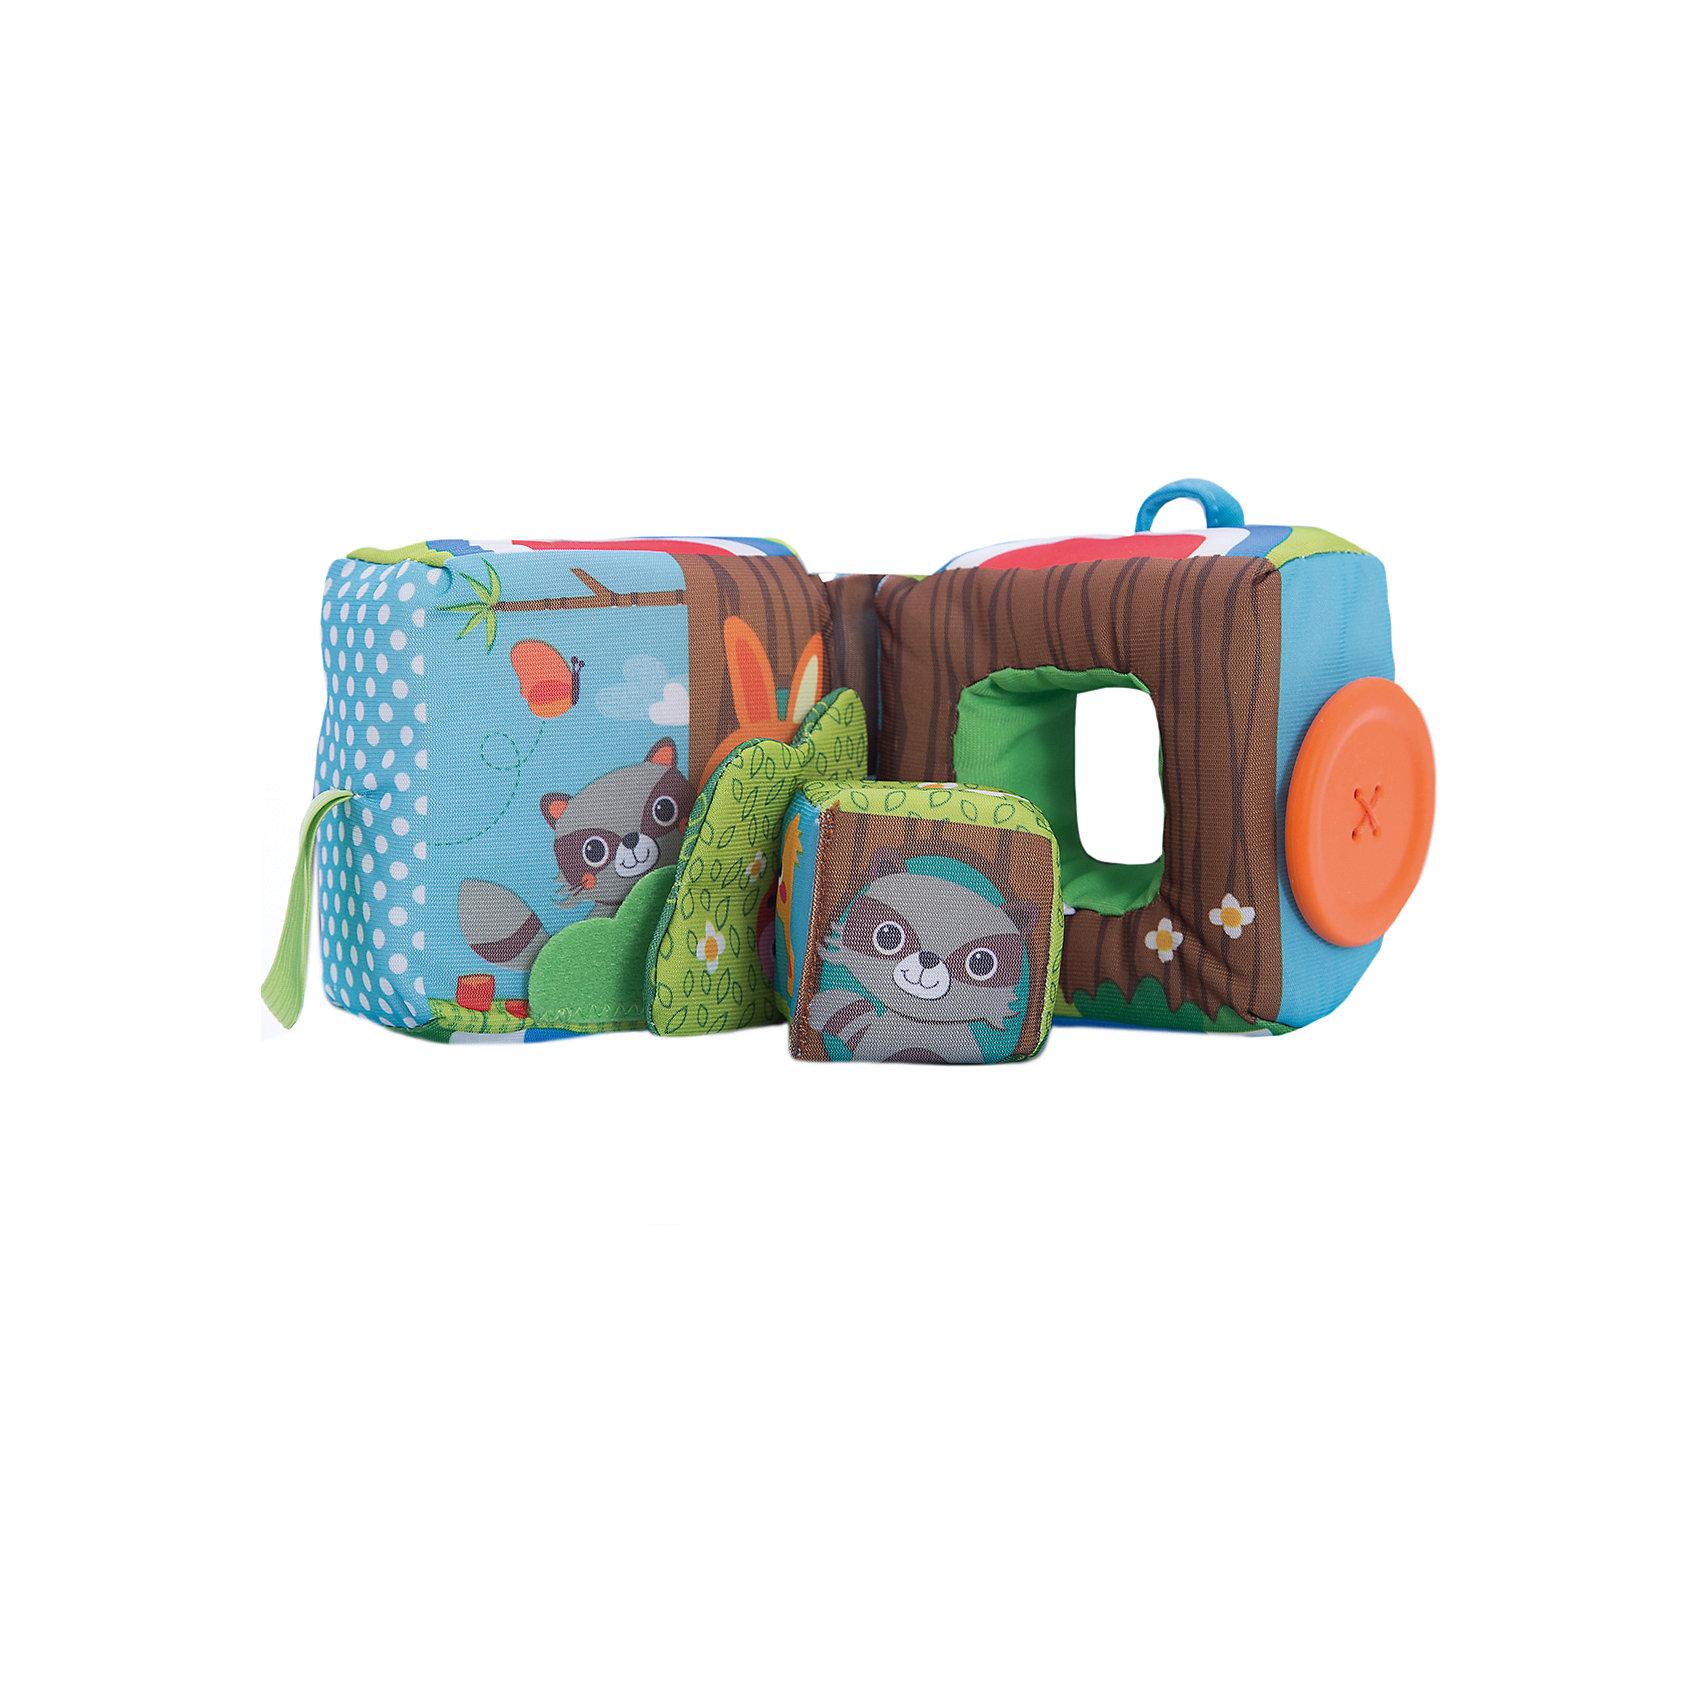 Развивающая книжка-куб, Tiny LoveКнижки-игрушки<br>Развивающая книжка-куб, Tiny Love (Тини Лав) - красочная привлекательная игрушка, которая надолго займет внимание Вашего малыша. Игрушка представляет собой мягкую книжку сложенную в куб, если расстегнуть пуговичку, куб разделится на две половинки. Внутри большого куба вкладывается маленький куб на веревочке, на котором изображены забавные зверюшки - енот и зайчик, божья коровка и гусеница, маленький птенчик и бабочки. В каждой из половинок малыша ждут приятные сюрпризы - шуршащий элемент, погремушка, безопасное зеркальце, маленький кубик, пуговица-прорезыватель. Игрушка очень удобна для маленьких ручек ребенка, он будет с интересом держать ее в руках, раскладывать и складывать. <br><br>Игрушка  выполнена из различных материалов, что поможет развить тактильную чувствительность у ребенка. Яркие цвета и различные игровые элементы стимулируют самостоятельное обучение и исследование, знакомят малыша с формами и цветами, способствуют развитию внимания, памяти и воображения. Куб изготовлен из экологических безопасных материалов и красителей.<br><br>Дополнительная информация:<br><br>- Материал: текстиль, пластик.<br>- Размер игрушки: 10 х 10 см. <br>- Вес: 0,4 кг.<br><br>Развивающую книжку-куб, Tiny Love (Тини Лав) можно купить в нашем интернет-магазине.<br><br>Ширина мм: 174<br>Глубина мм: 138<br>Высота мм: 243<br>Вес г: 344<br>Возраст от месяцев: 0<br>Возраст до месяцев: 12<br>Пол: Унисекс<br>Возраст: Детский<br>SKU: 3867805